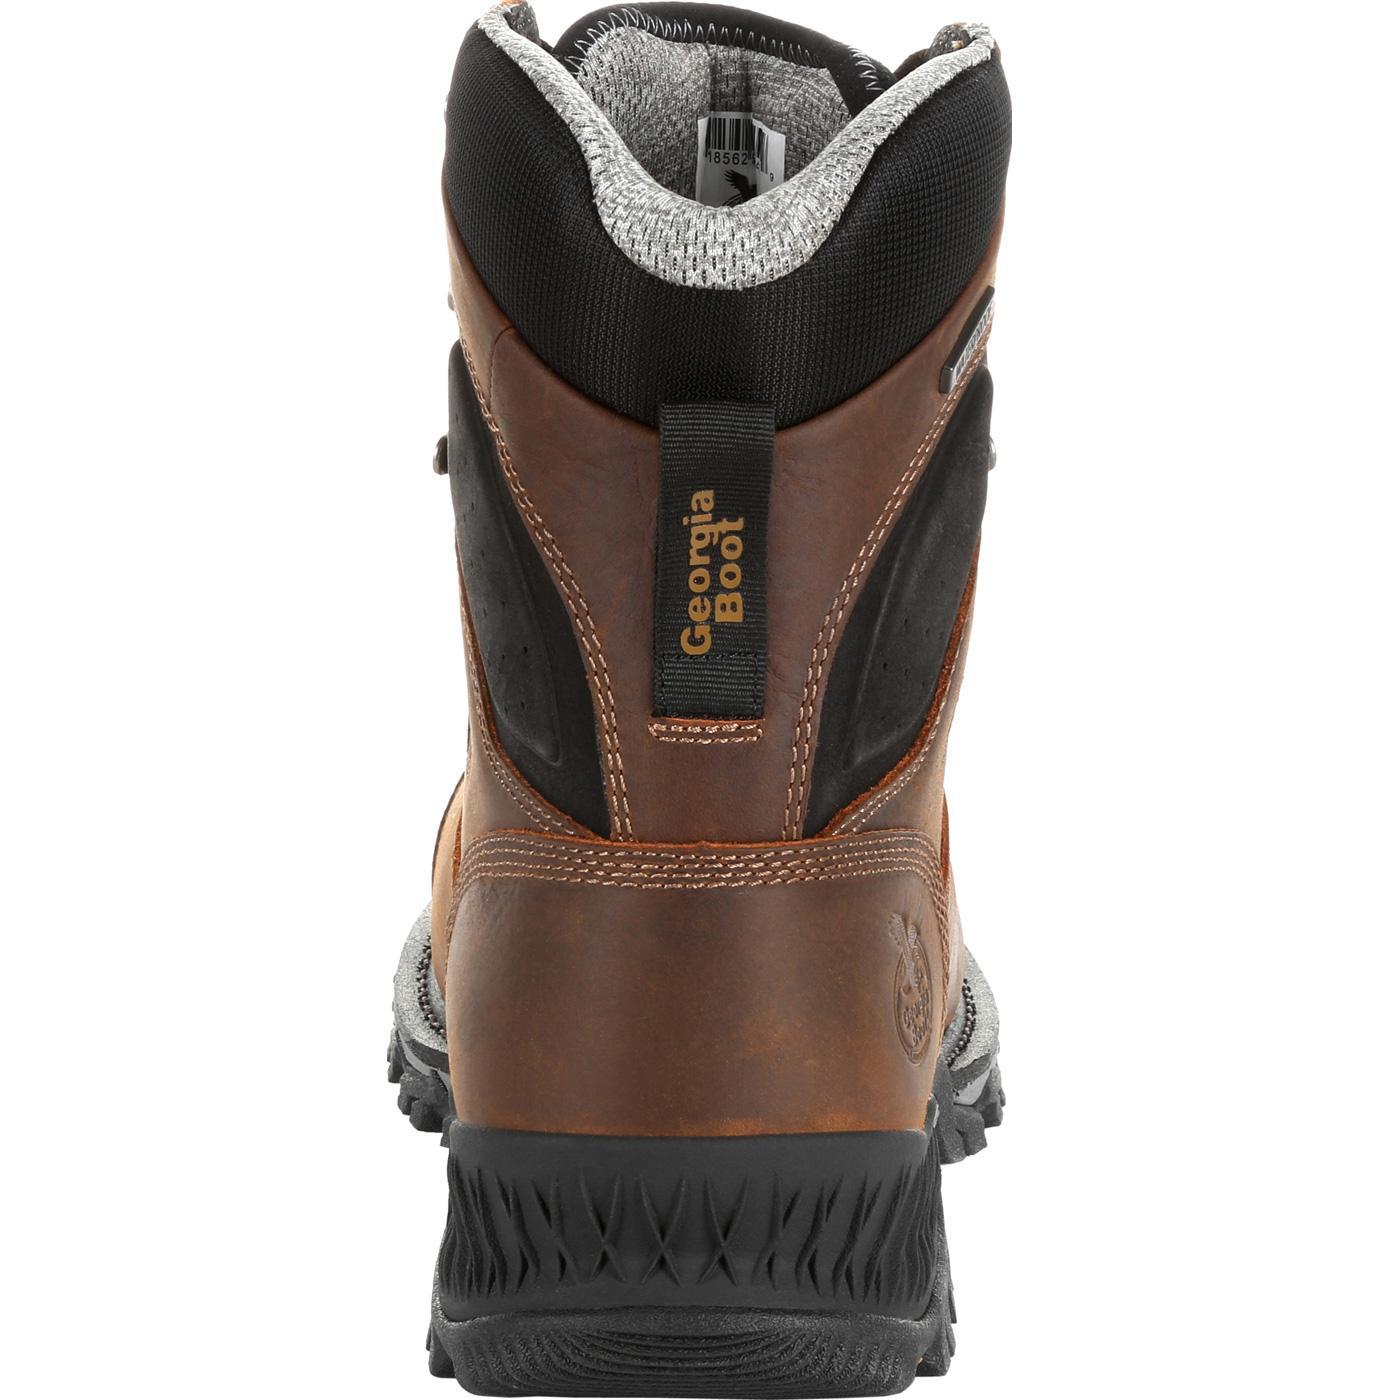 f48cacdec24 Georgia Boot Rumbler 8inch Composite Toe Waterproof Work Boot